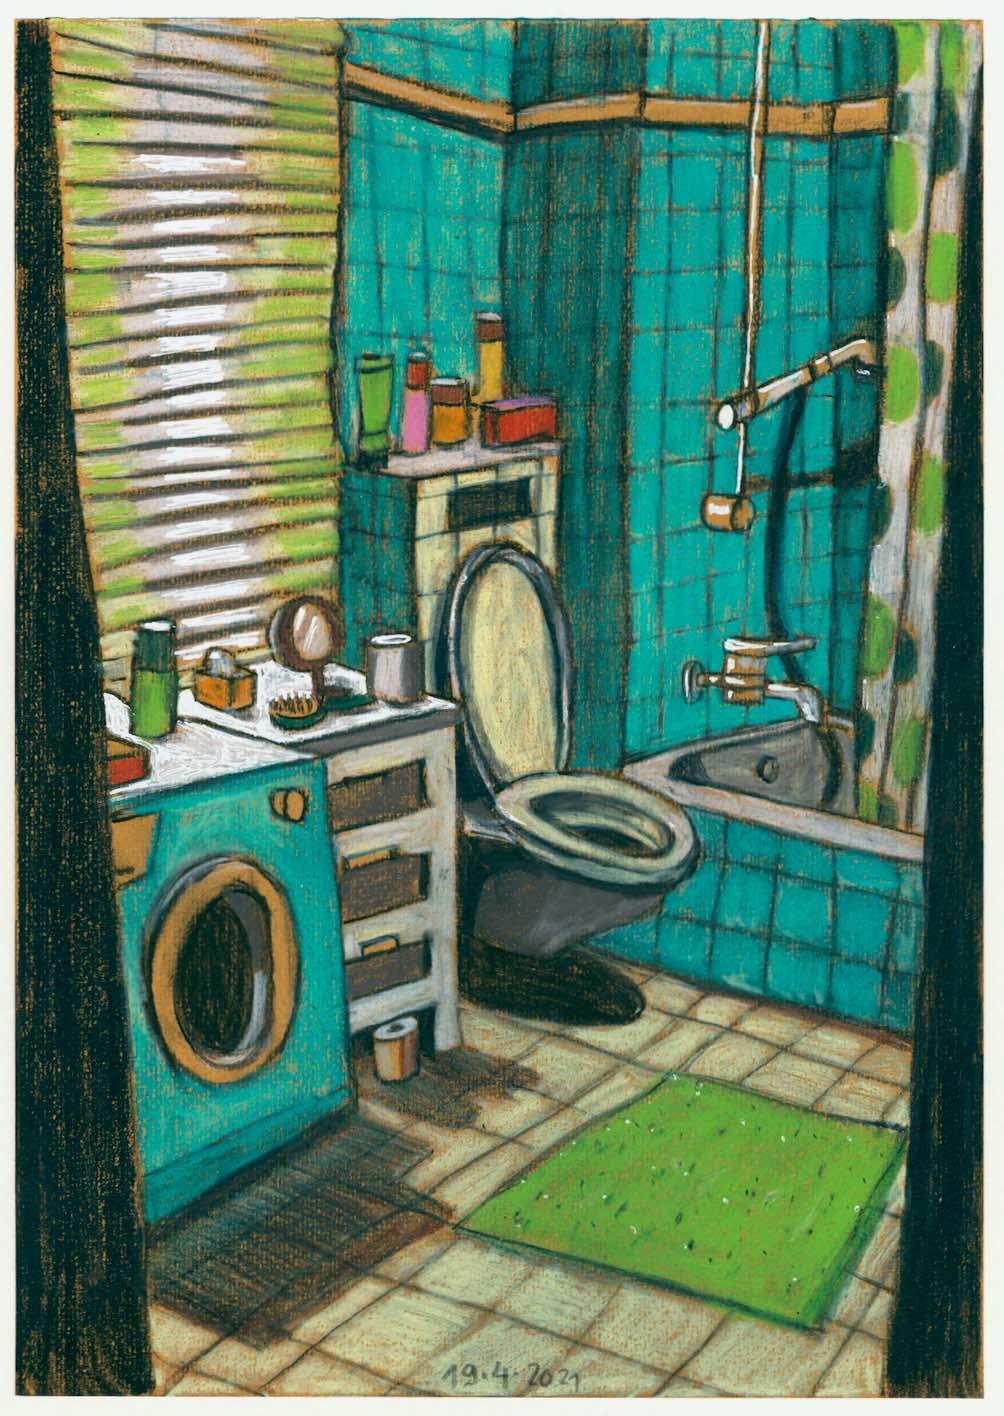 Waschmaschine 2, 2021, Kreide auf Papier